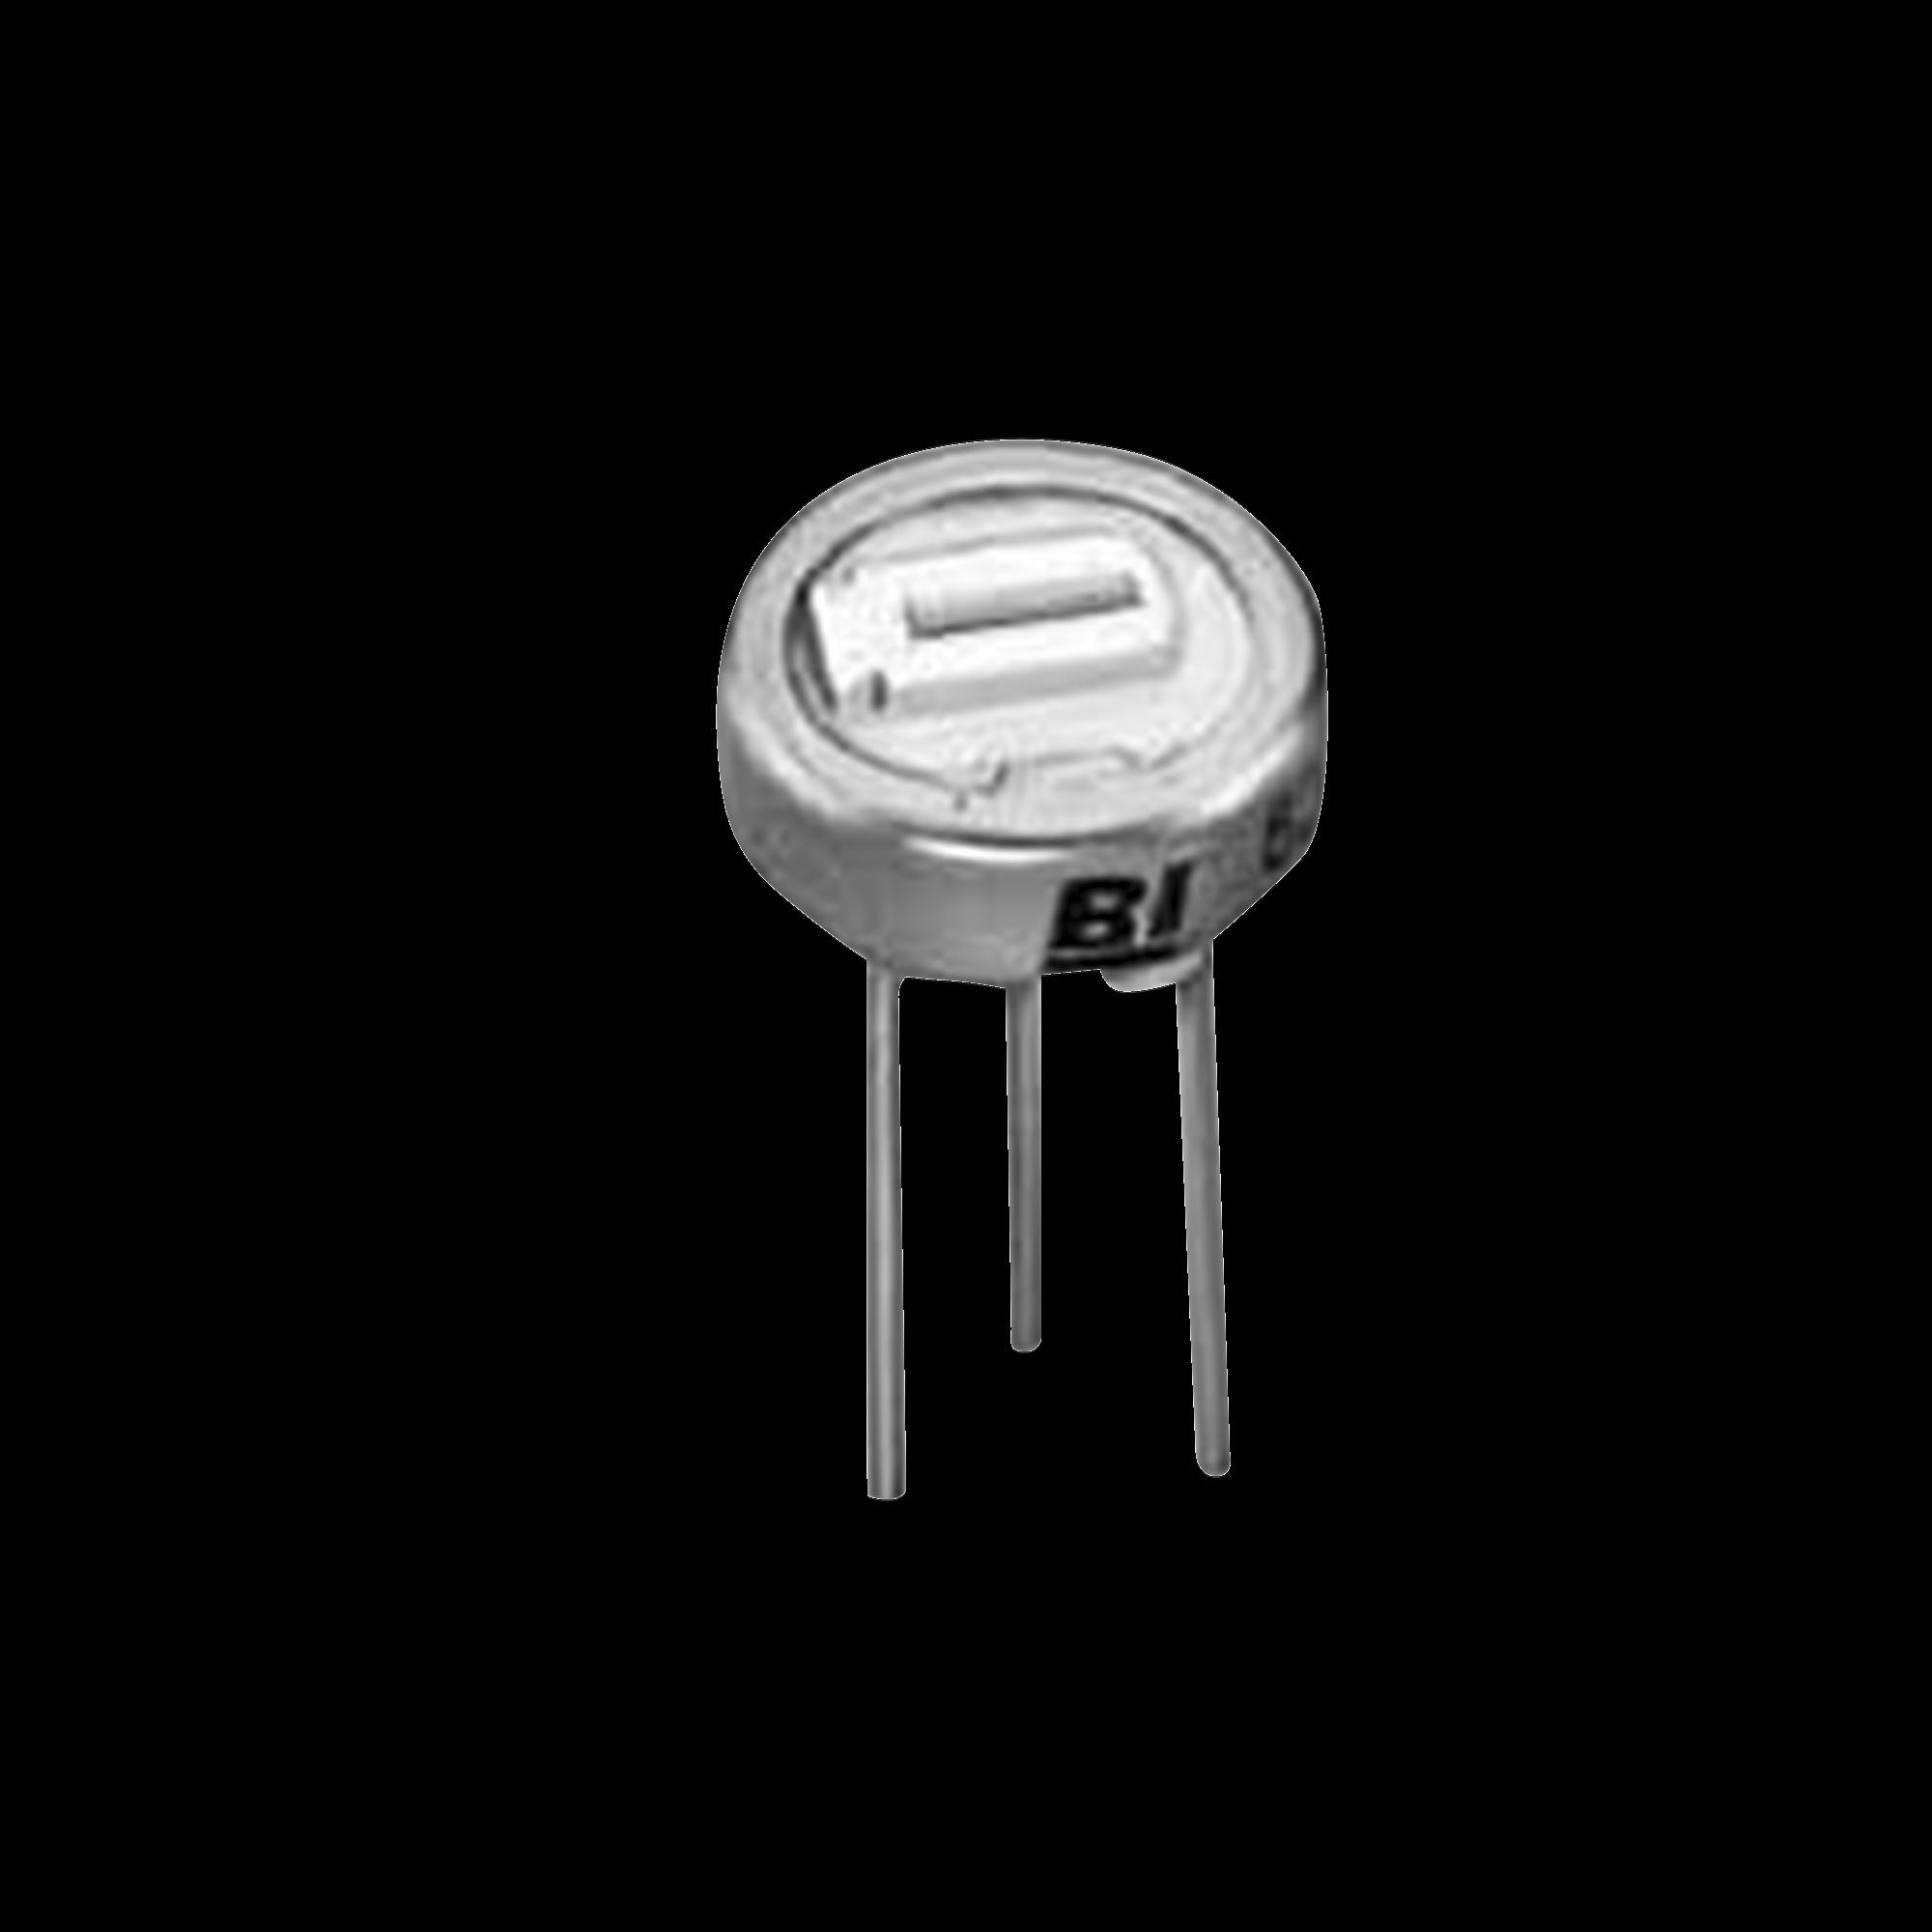 Potenciómetro Trimmer 200 Ohm, 6.35 mm, 1 Vuelta, 1/2 Watt.